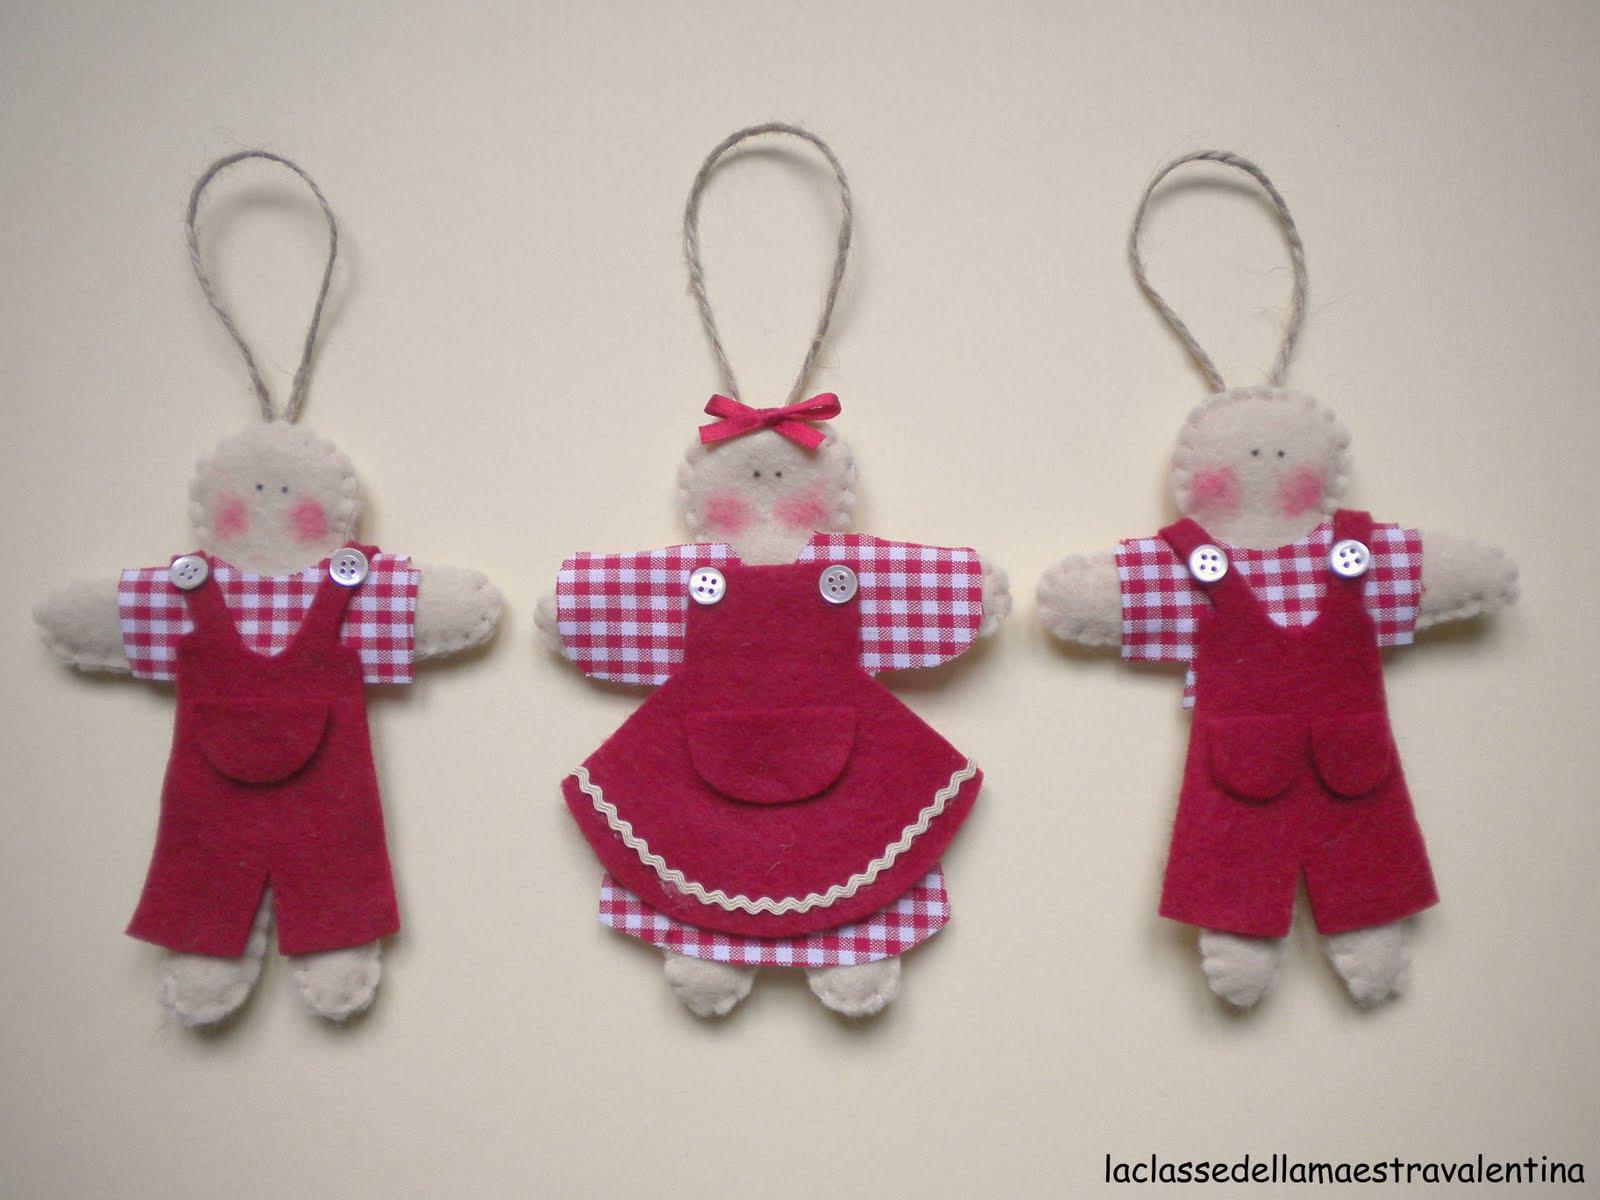 La classe della maestra valentina bambolini for La maestra valentina